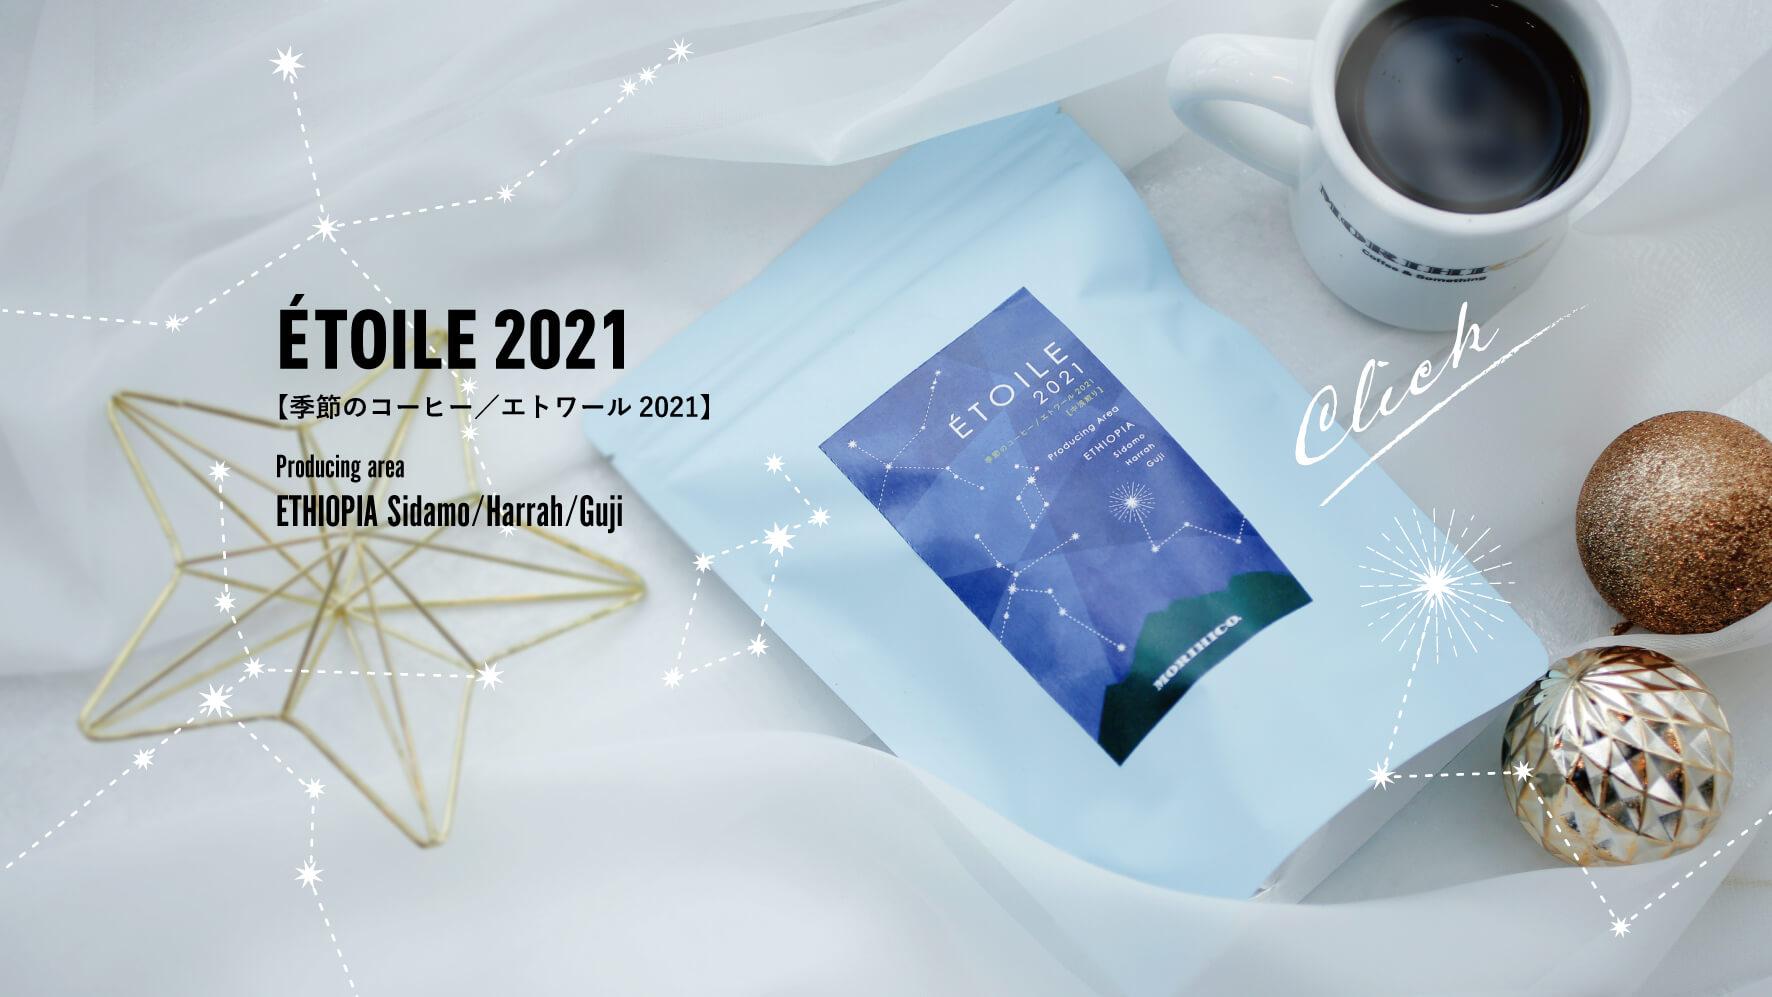 【エトワール2021】季節のコーヒー新発売